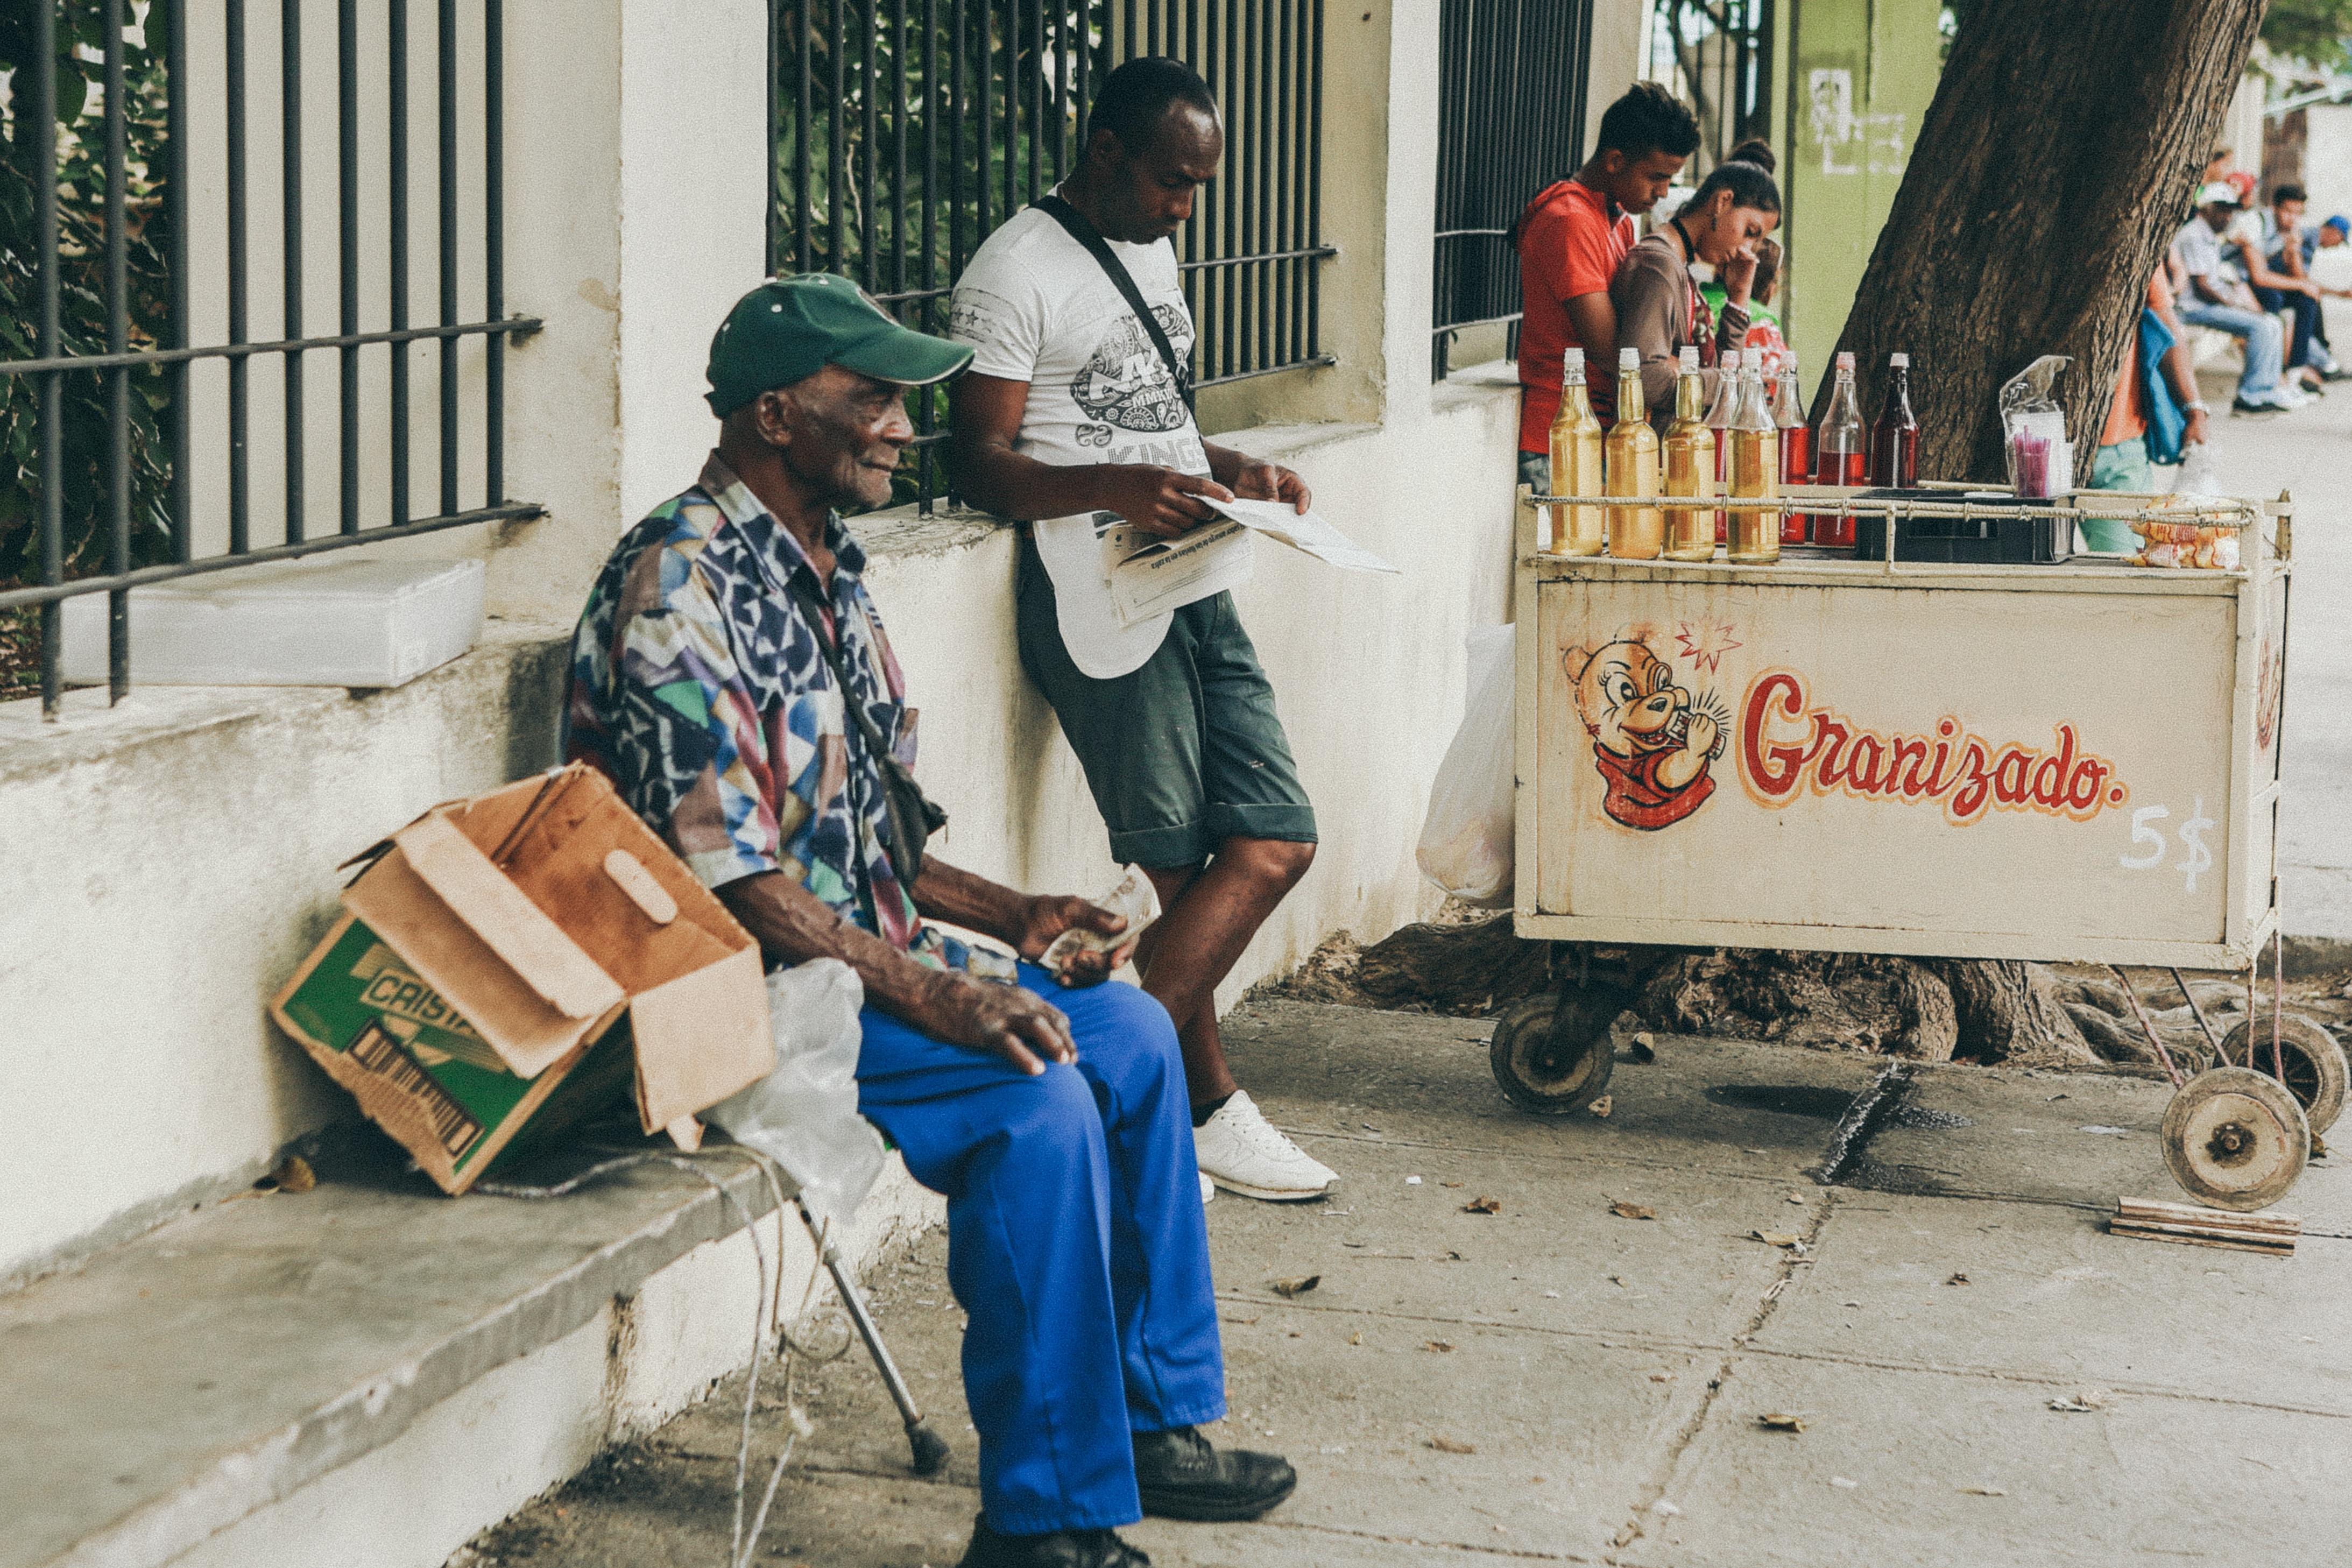 Imagen de la noticia Desarrollo de un programa comunitario de investigación en promoción – educación para la salud sobre VIH/SIDA en Cuba: transferencia de capacidades y recursos en materia de investigación socio-educativa con impacto local